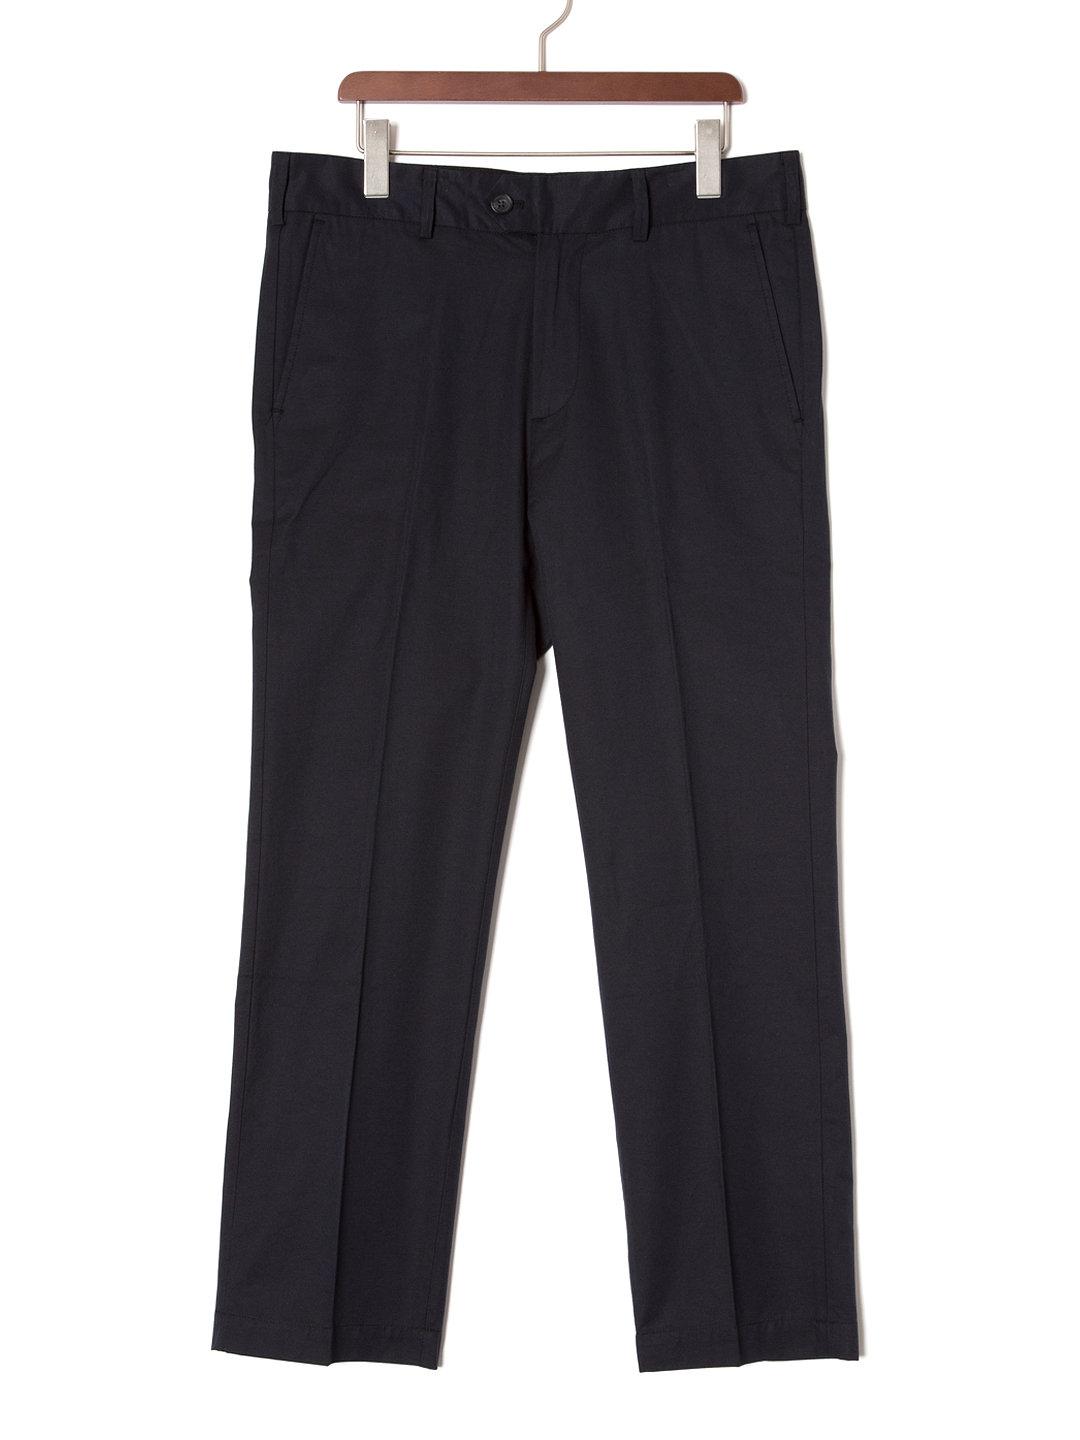 【70%OFF】PANOS フロントタブ センタープレス パンツ ブラック 32 ファッション > メンズウエア~~パンツ